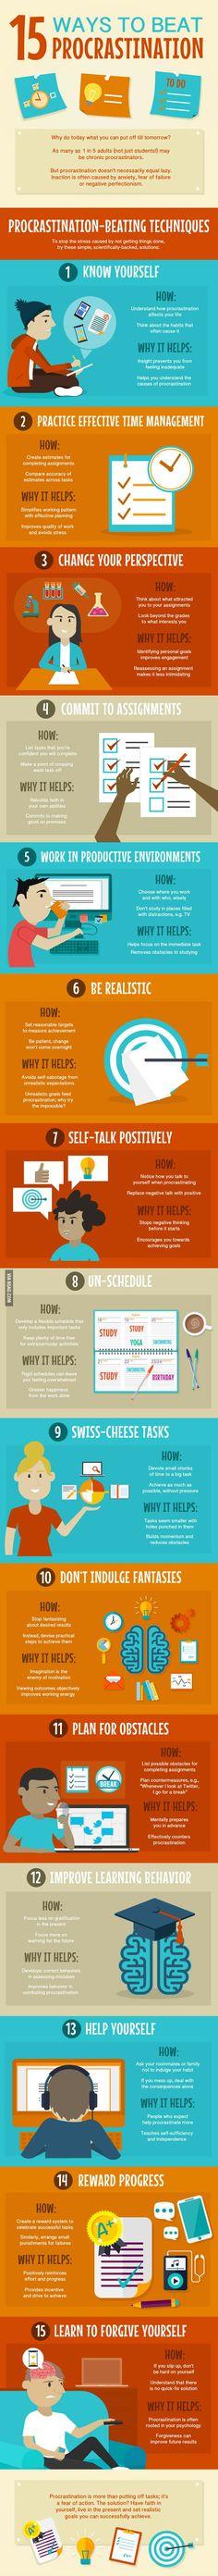 Ik stel altijd alles uit tot het laatste moment, dus is dit een leerzame infographic voor mij.